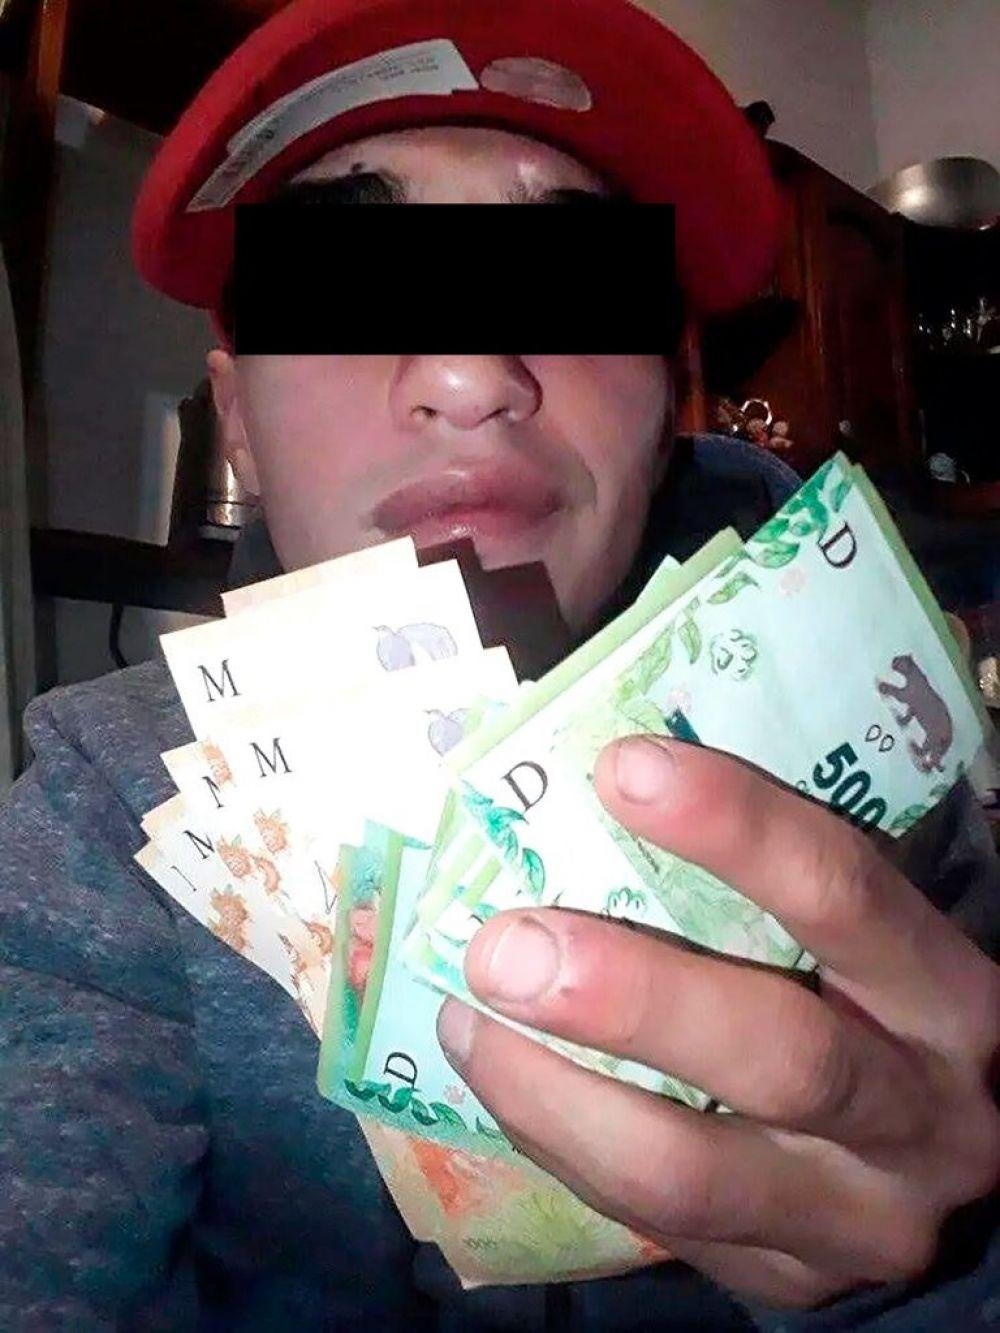 Mató a una jubilada, incendió su casa y se sacó una foto con lo robado